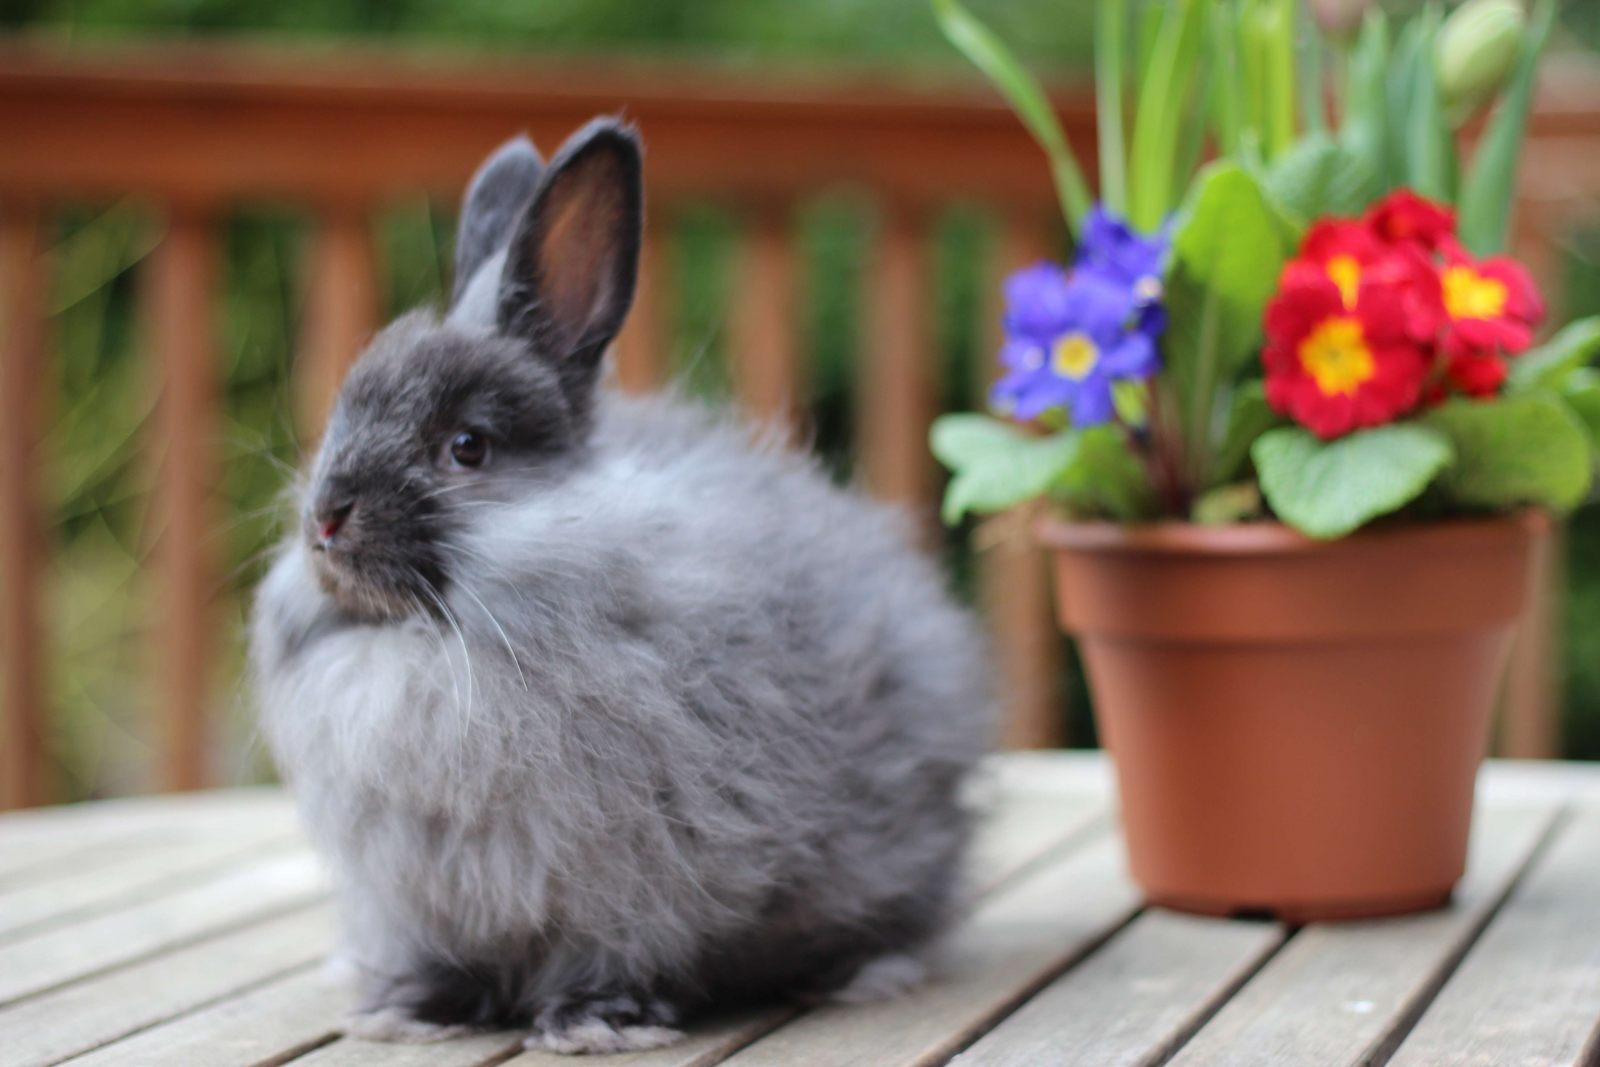 https://i2.wp.com/coelhos.animais.info/Imagens/angora-frances-preto.jpg